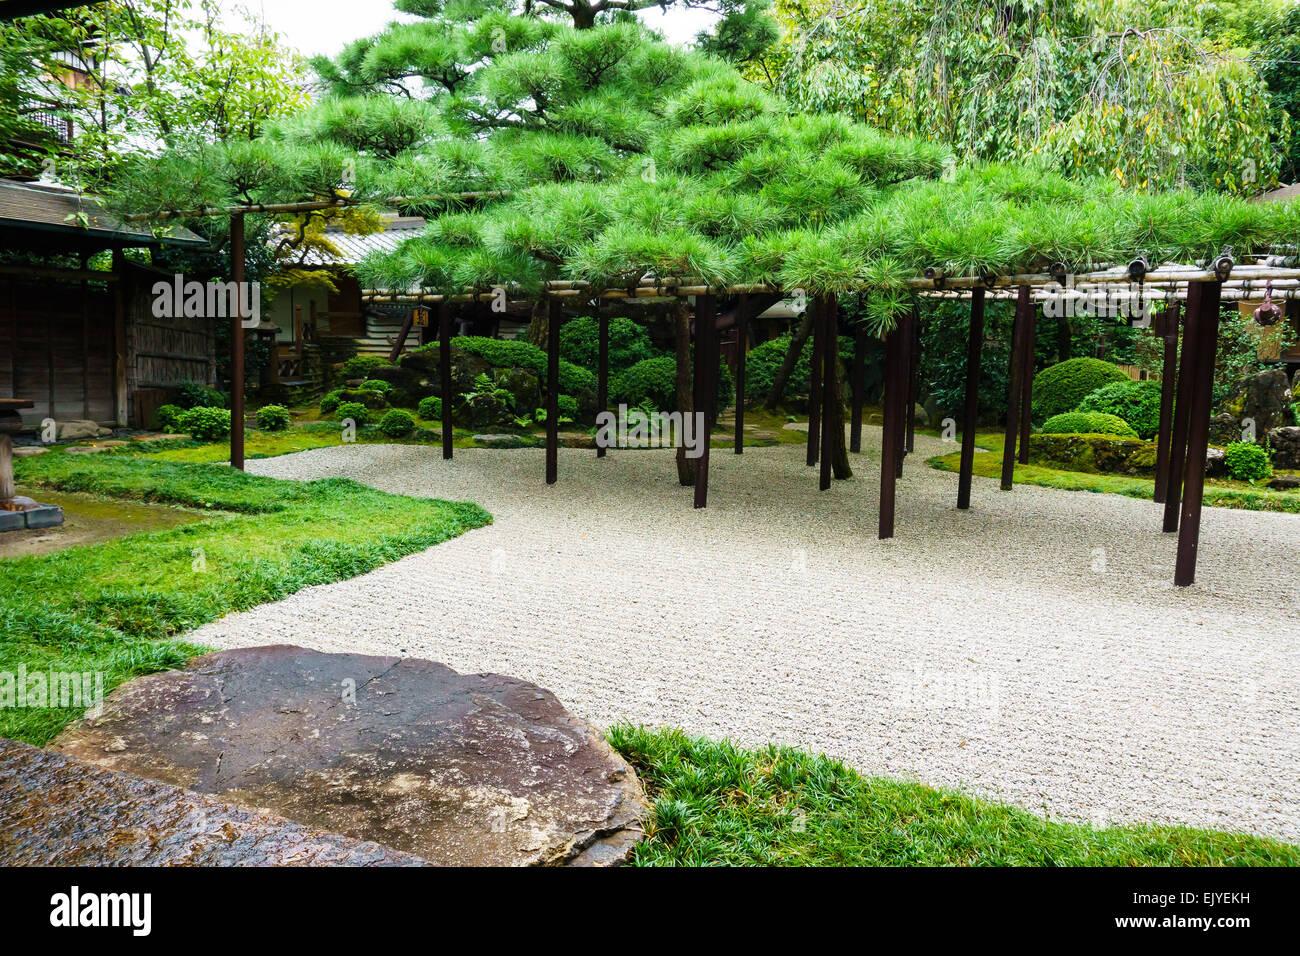 Delicieux Mit Blick Auf Eine Traditionelle Japanische Garten Geharkt Kies Und  Heiligen Stein In Kyoto, Japan